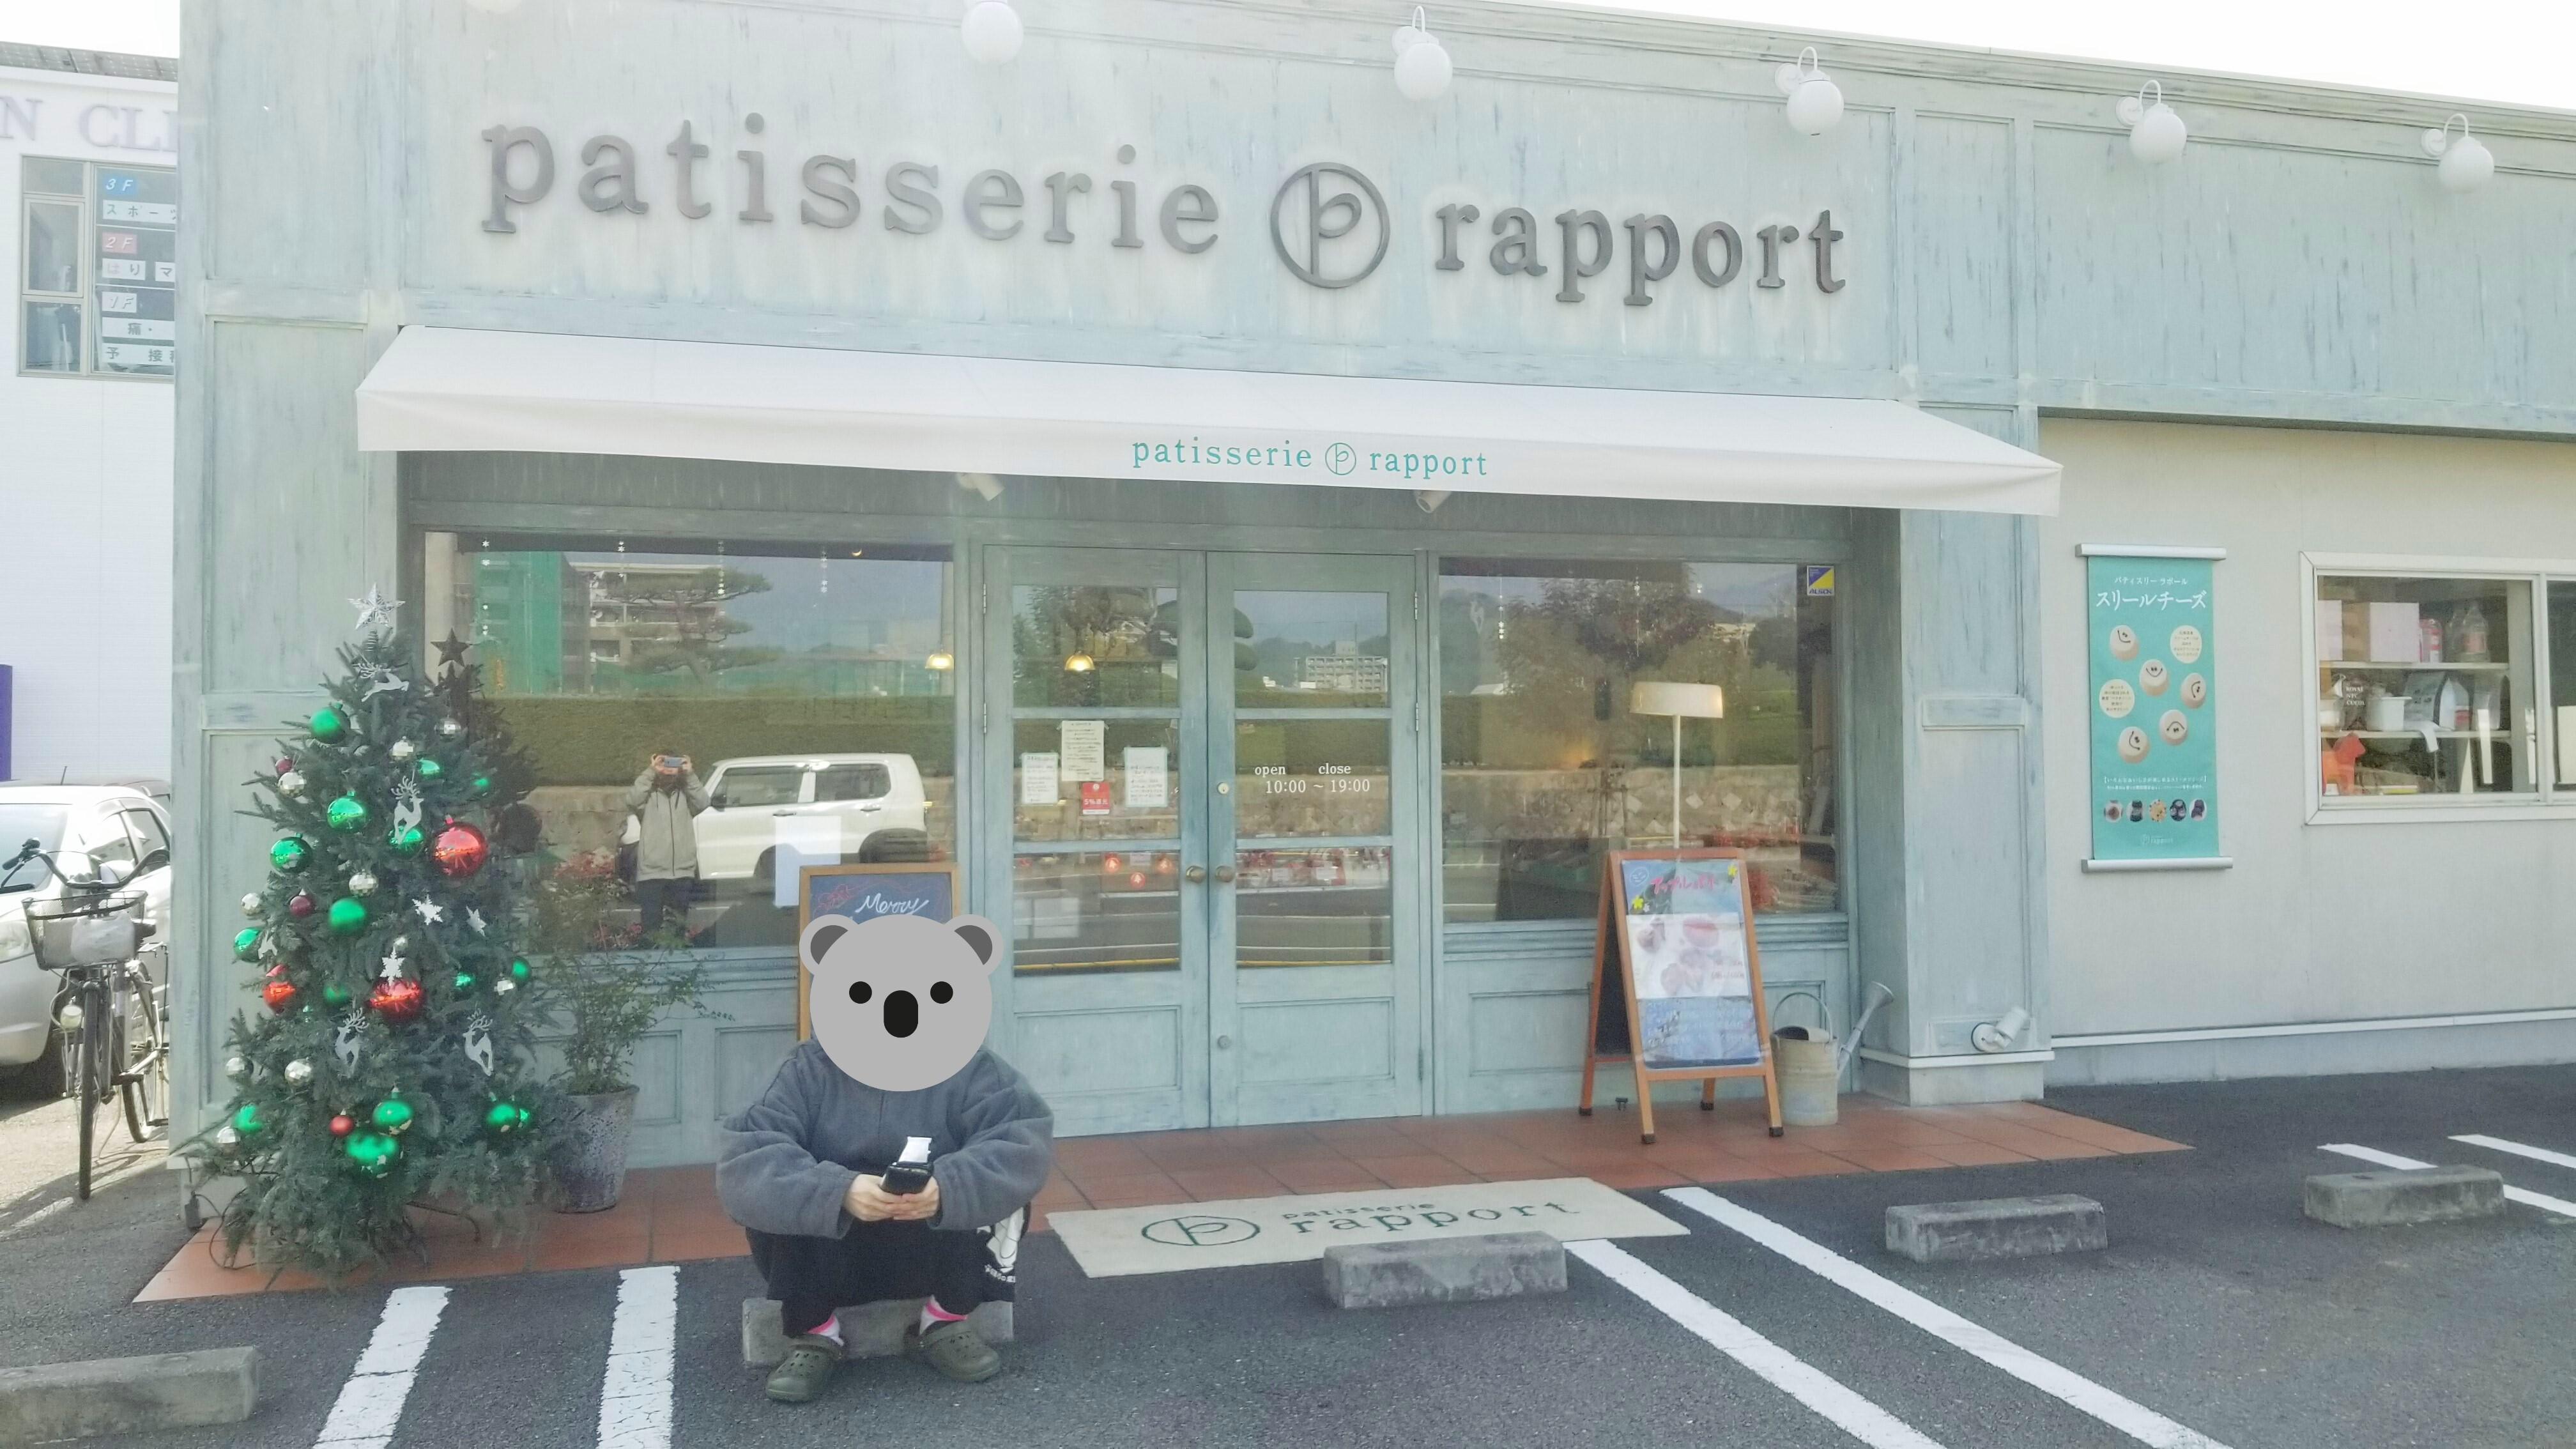 愛媛県松山市グルメおすすめ人気ケーキ屋安い美味しいブログおしゃれ